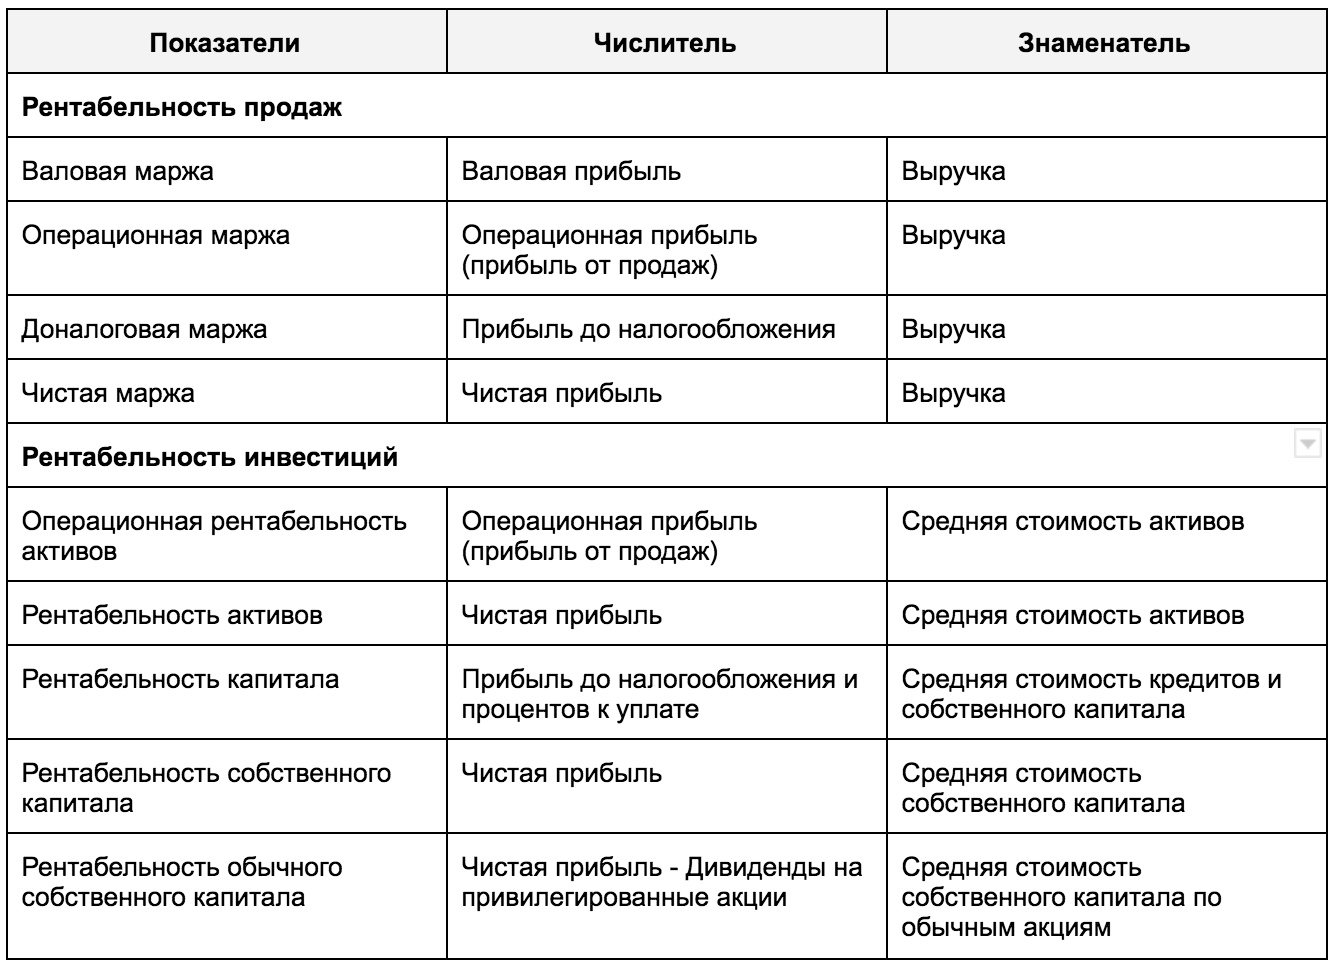 Анализ финансовых результатов деятельности предприятия